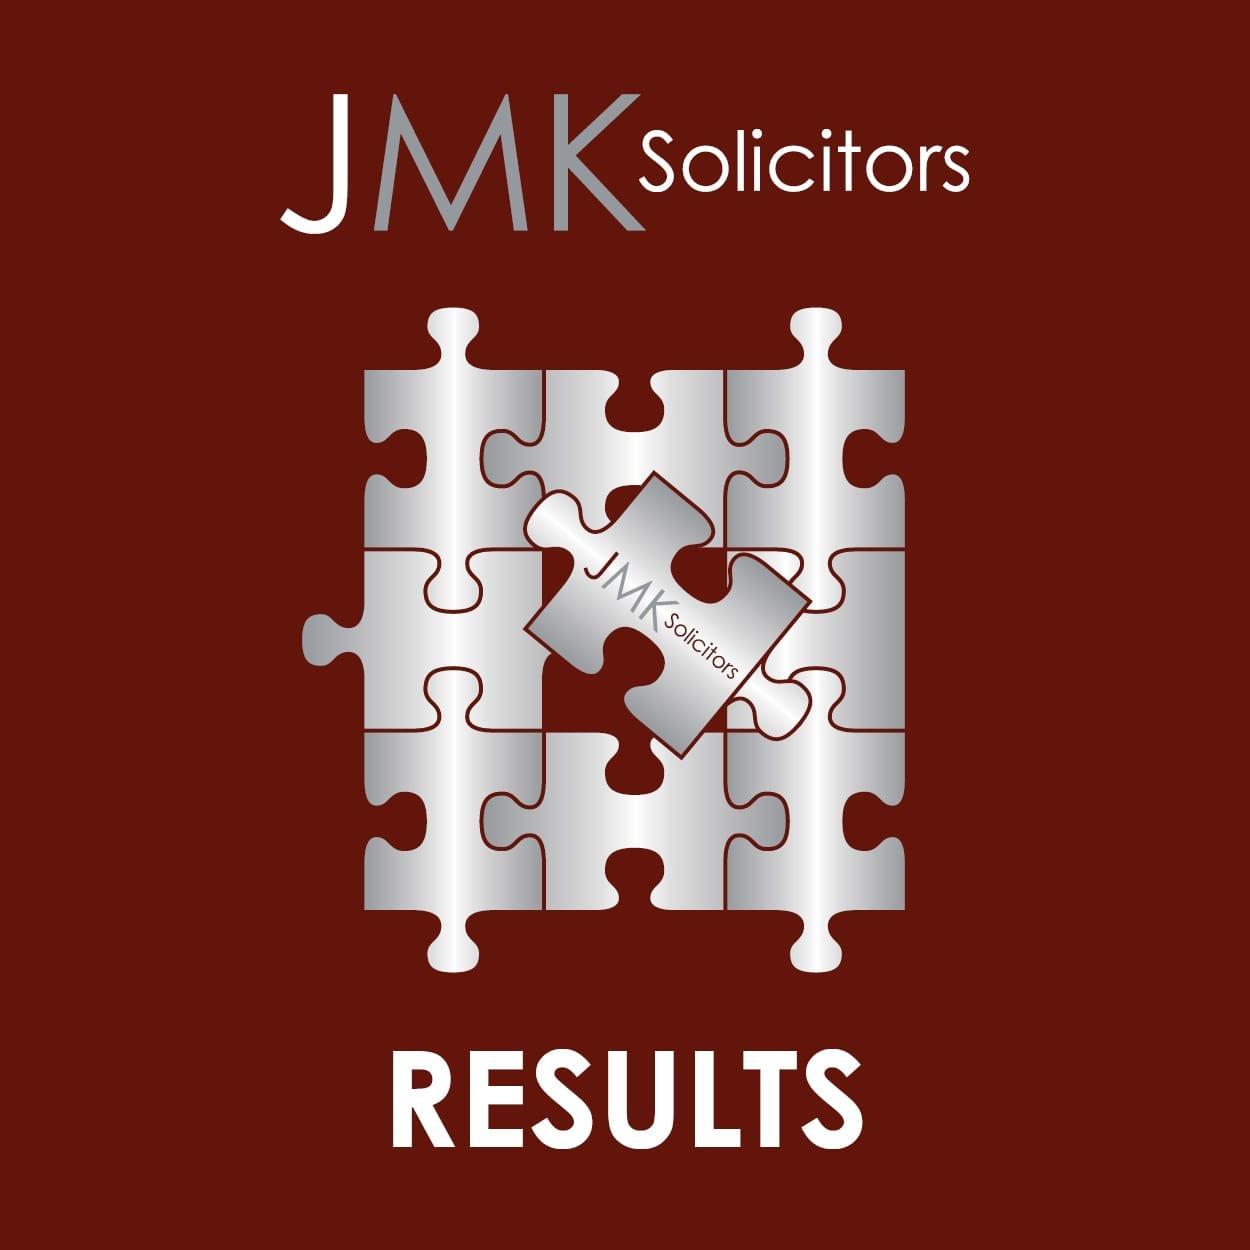 Results JMK Solicitors Values